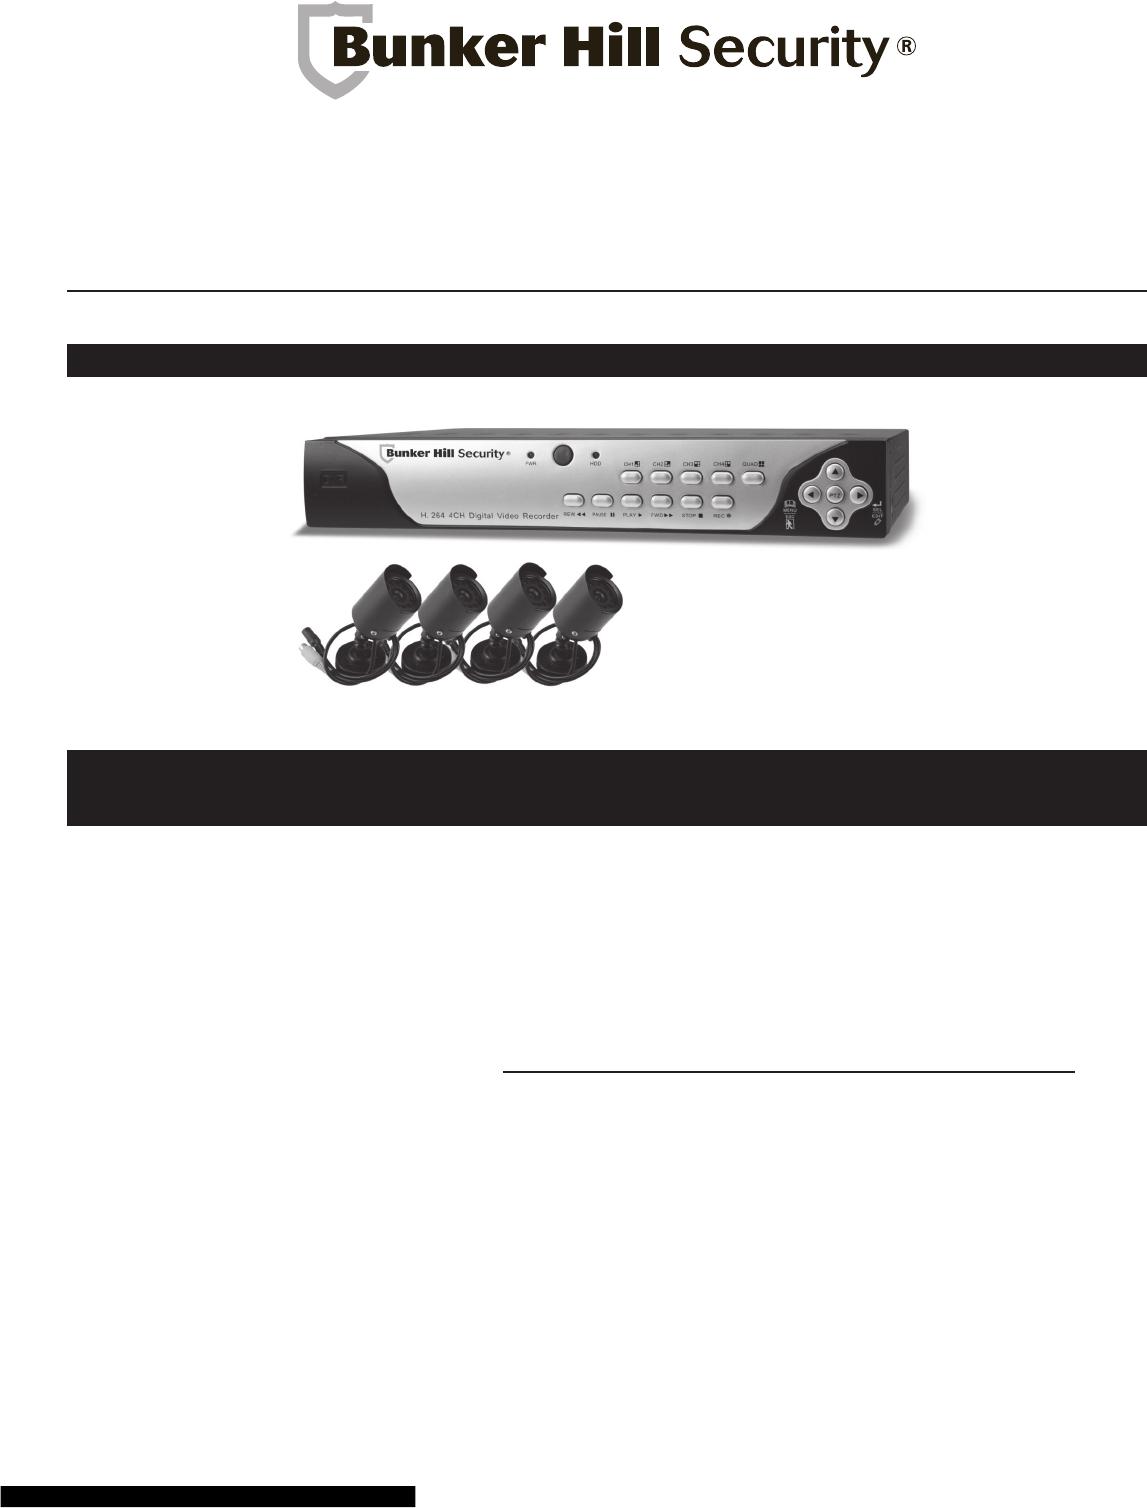 Bunker Hill Security Mobile Setup : bunker, security, mobile, setup, Harbor, Freight, Bunker, Security, 68332, Users, Manual, 820239, ManualsLib, Makes, Manuals, Online!